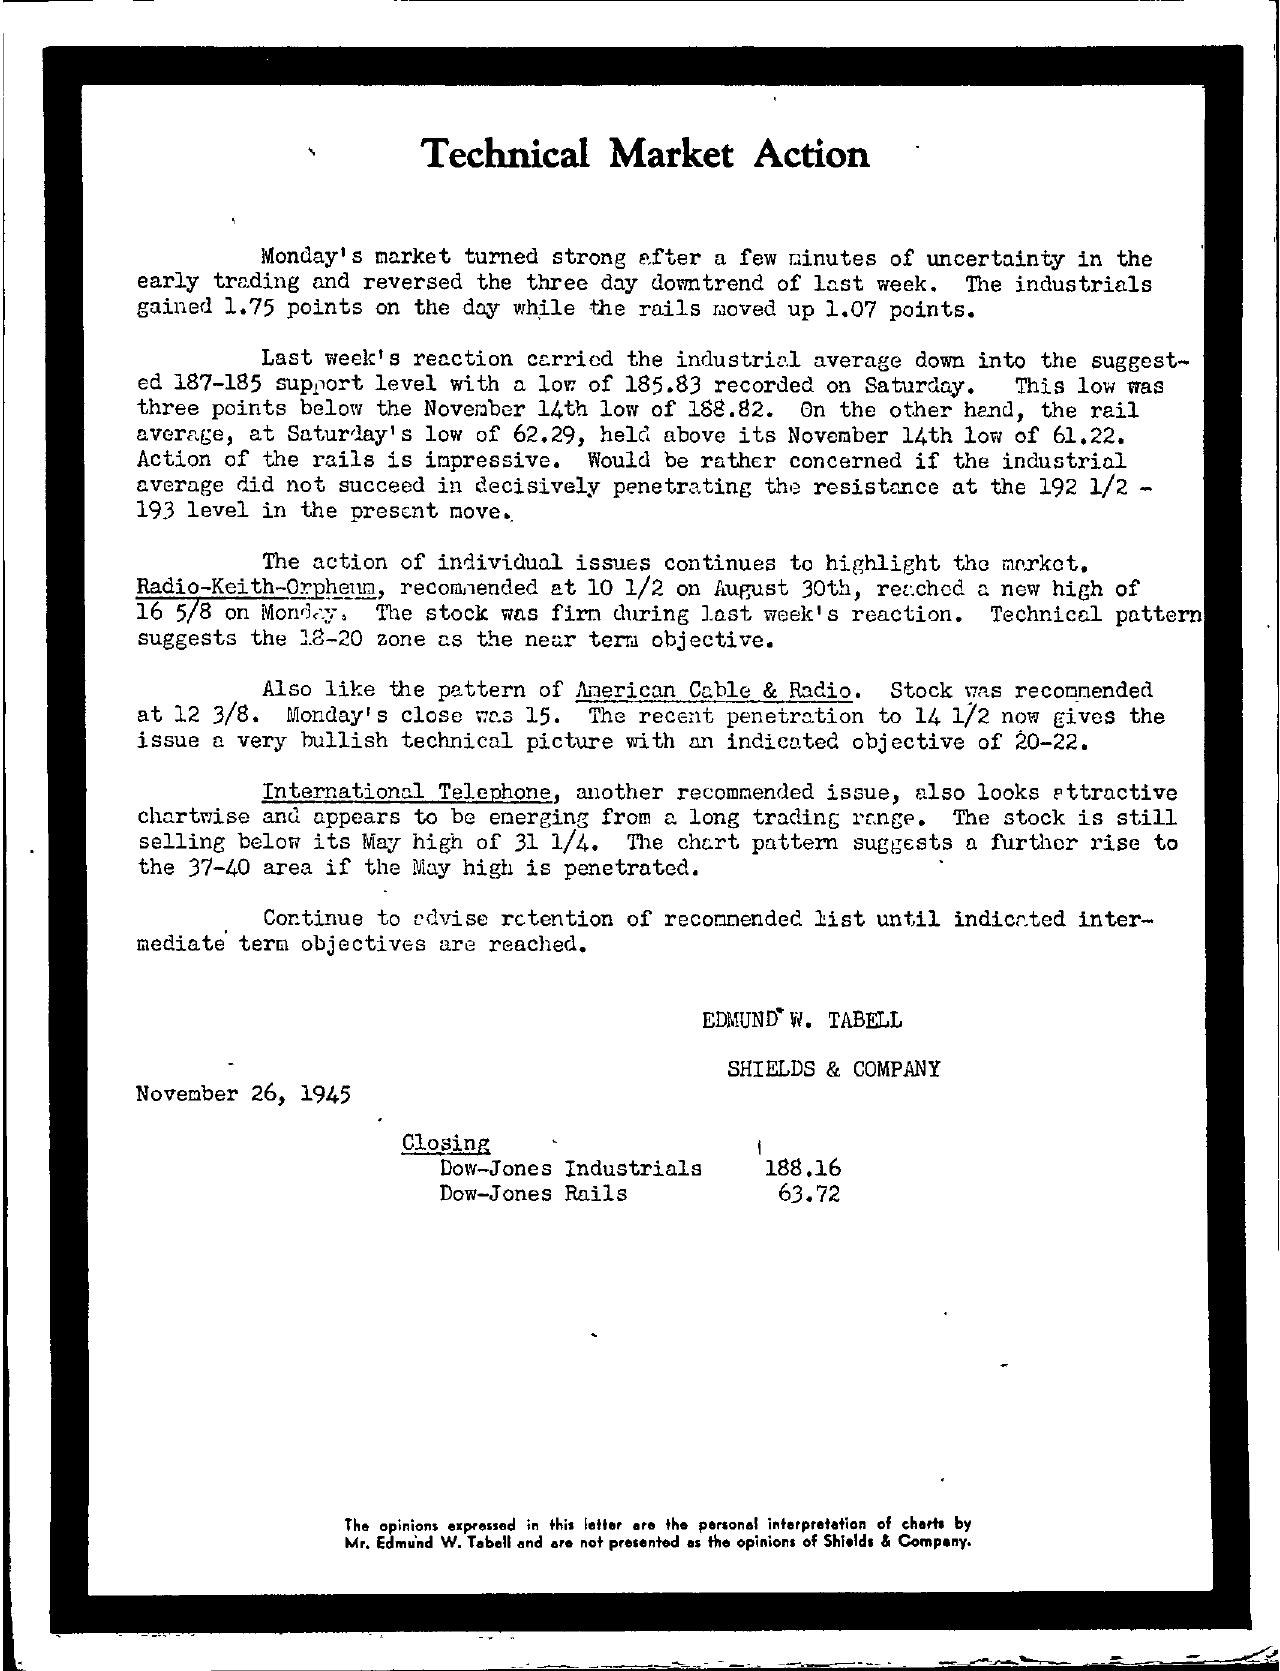 Tabell's Market Letter - November 26, 1945